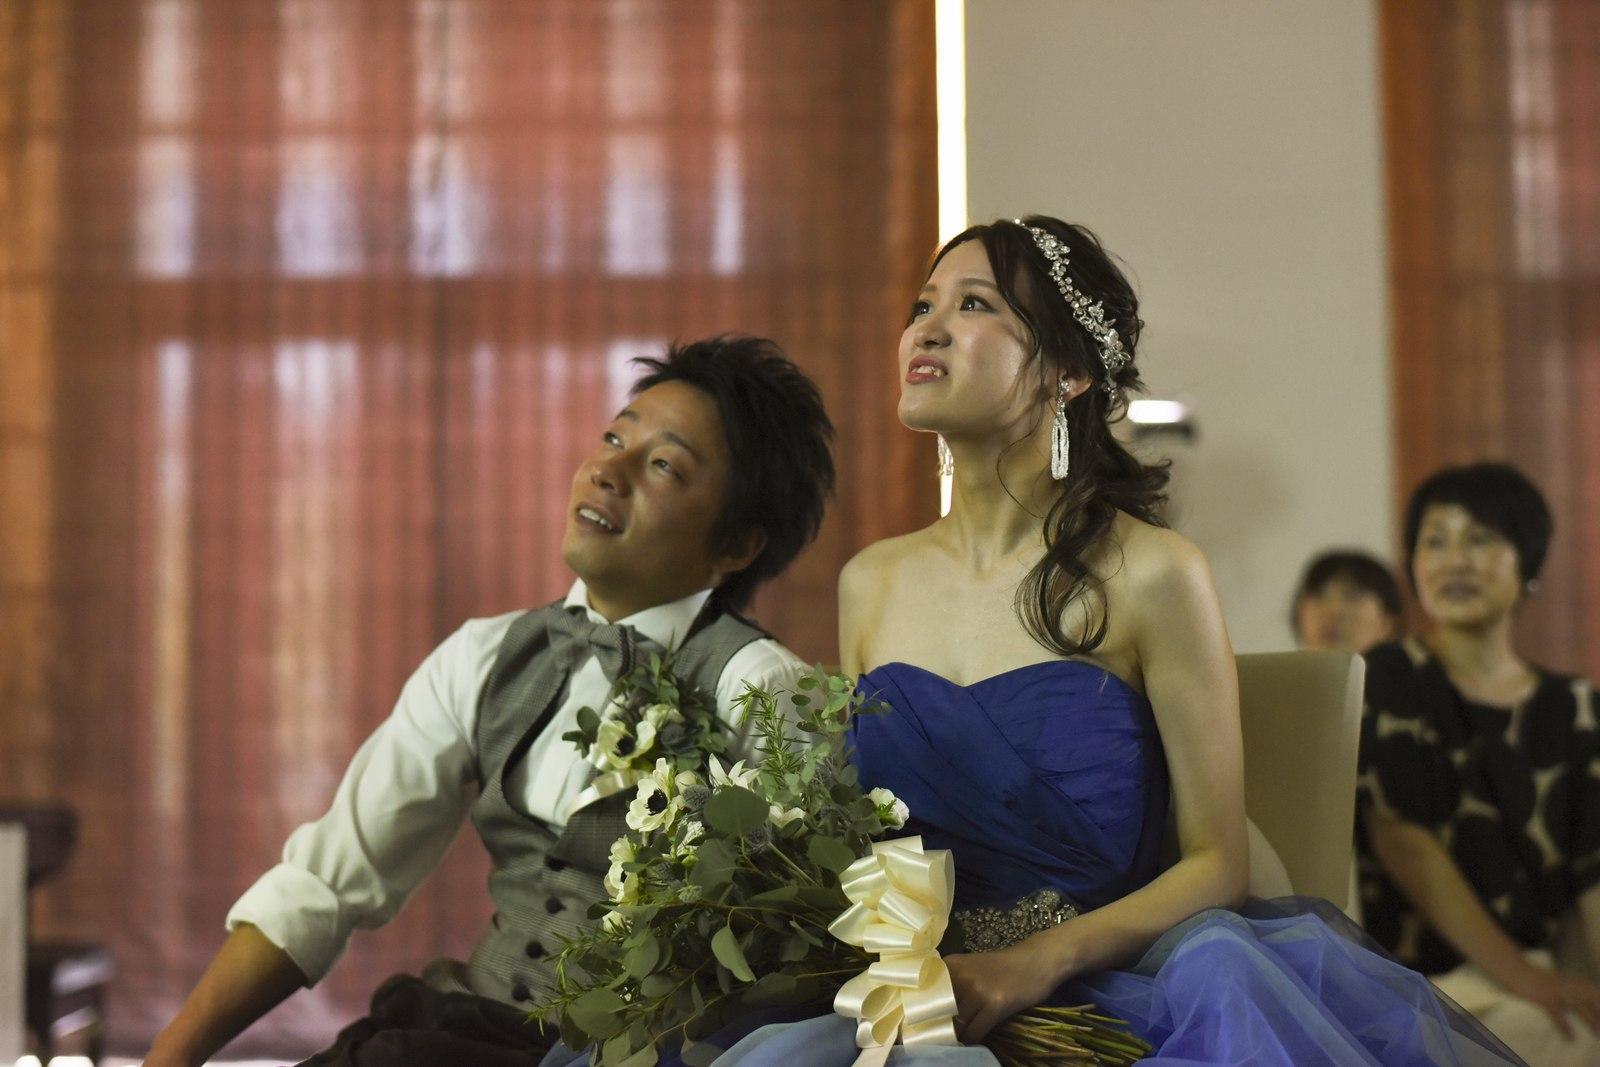 香川県の結婚式場アイスタイルでサプライズムービーを見る新郎新婦